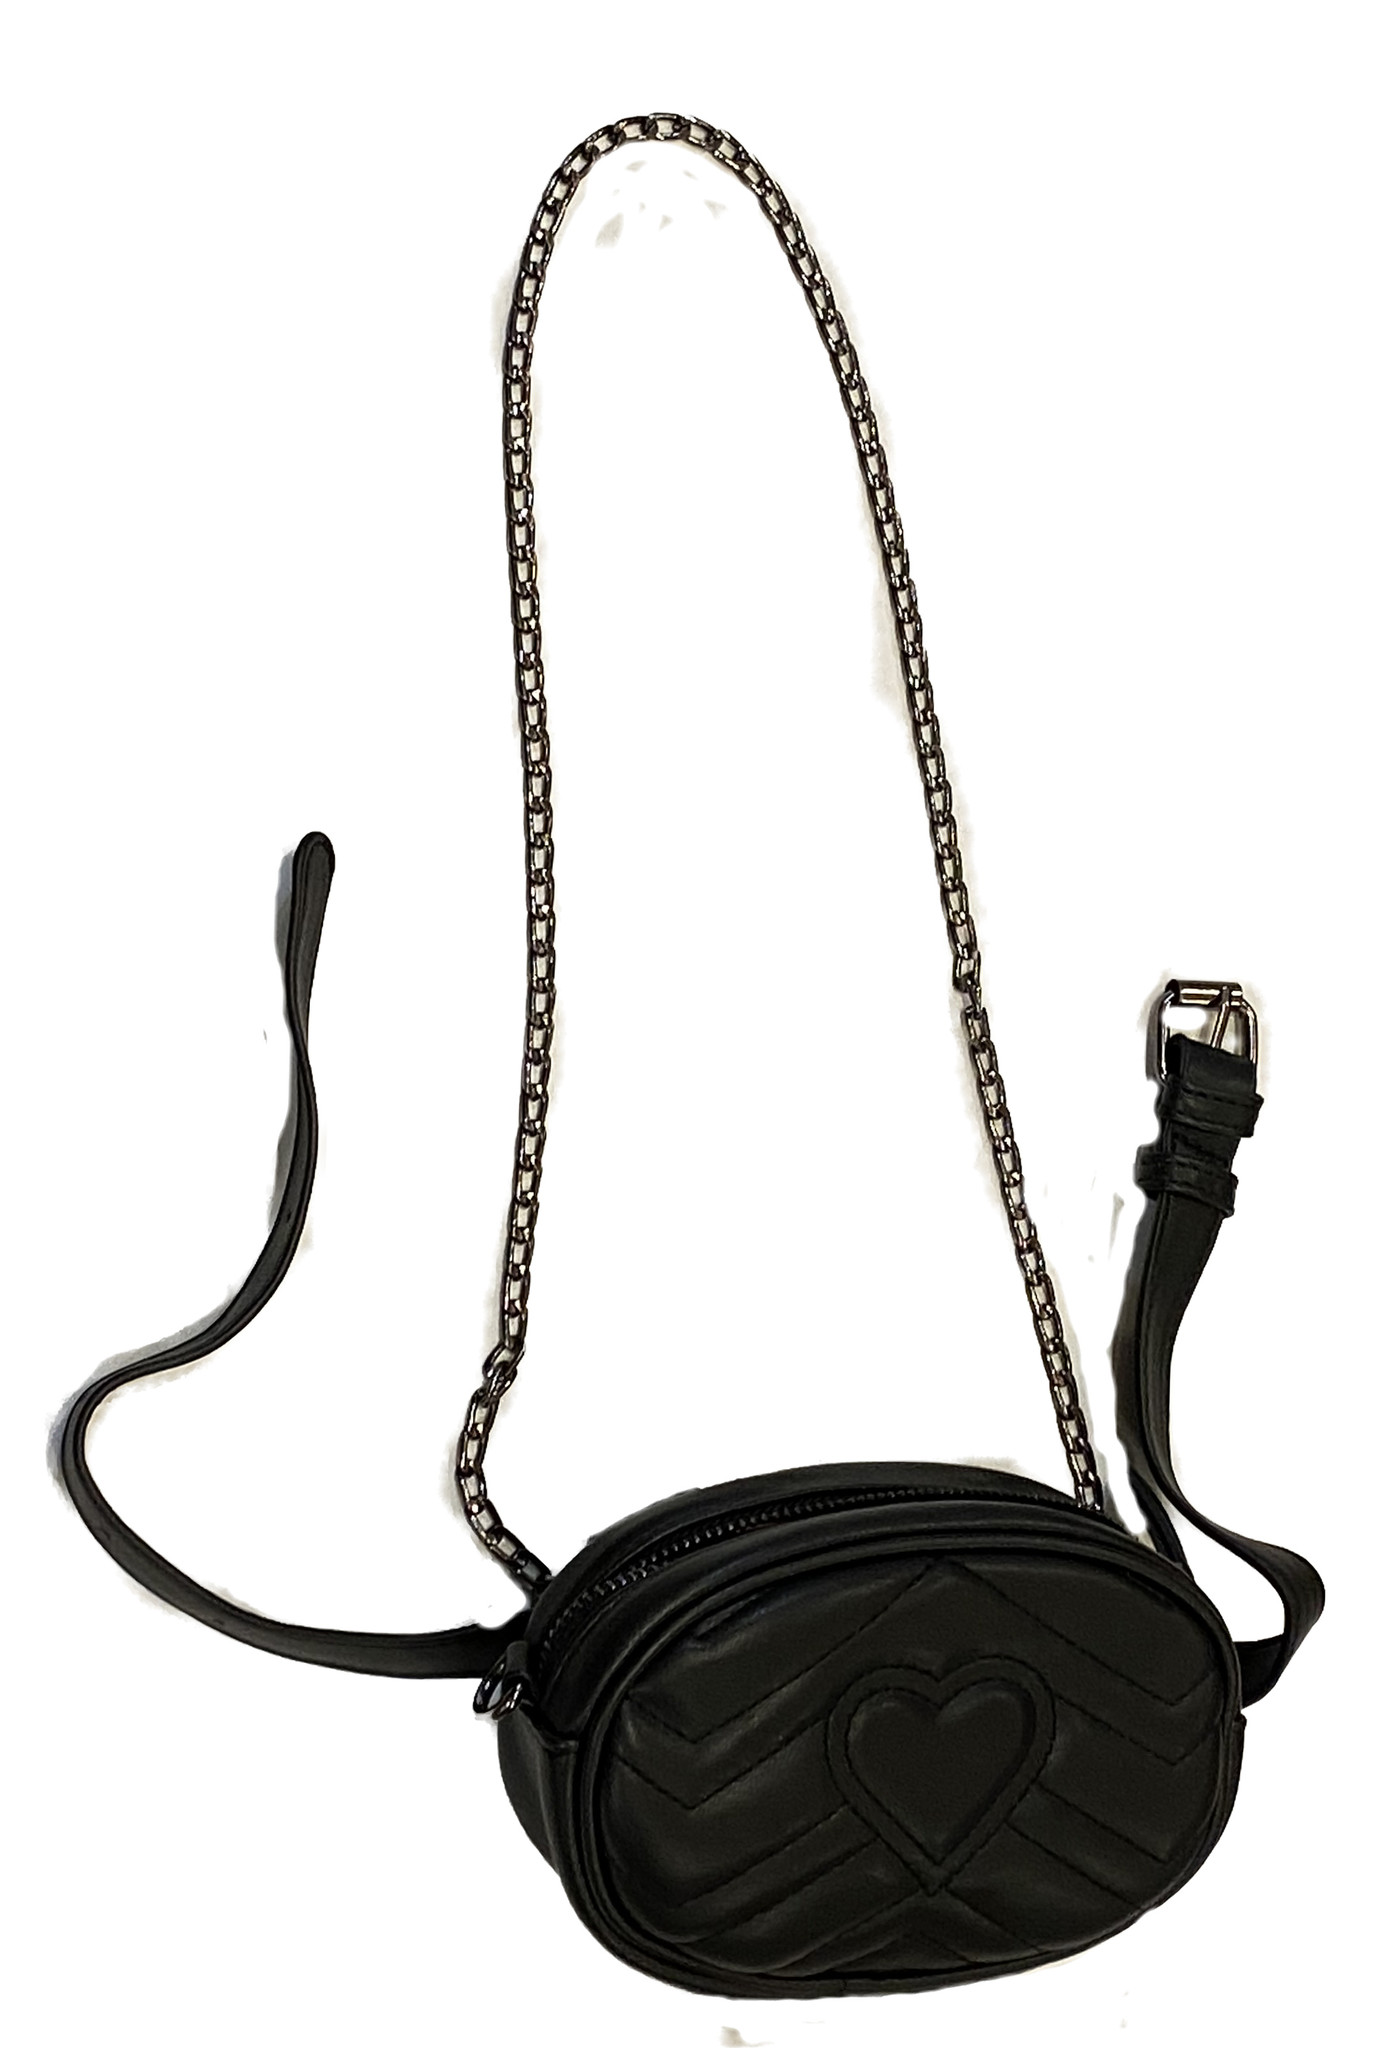 Heart Quilted Belt/Crossbody Bag Purse